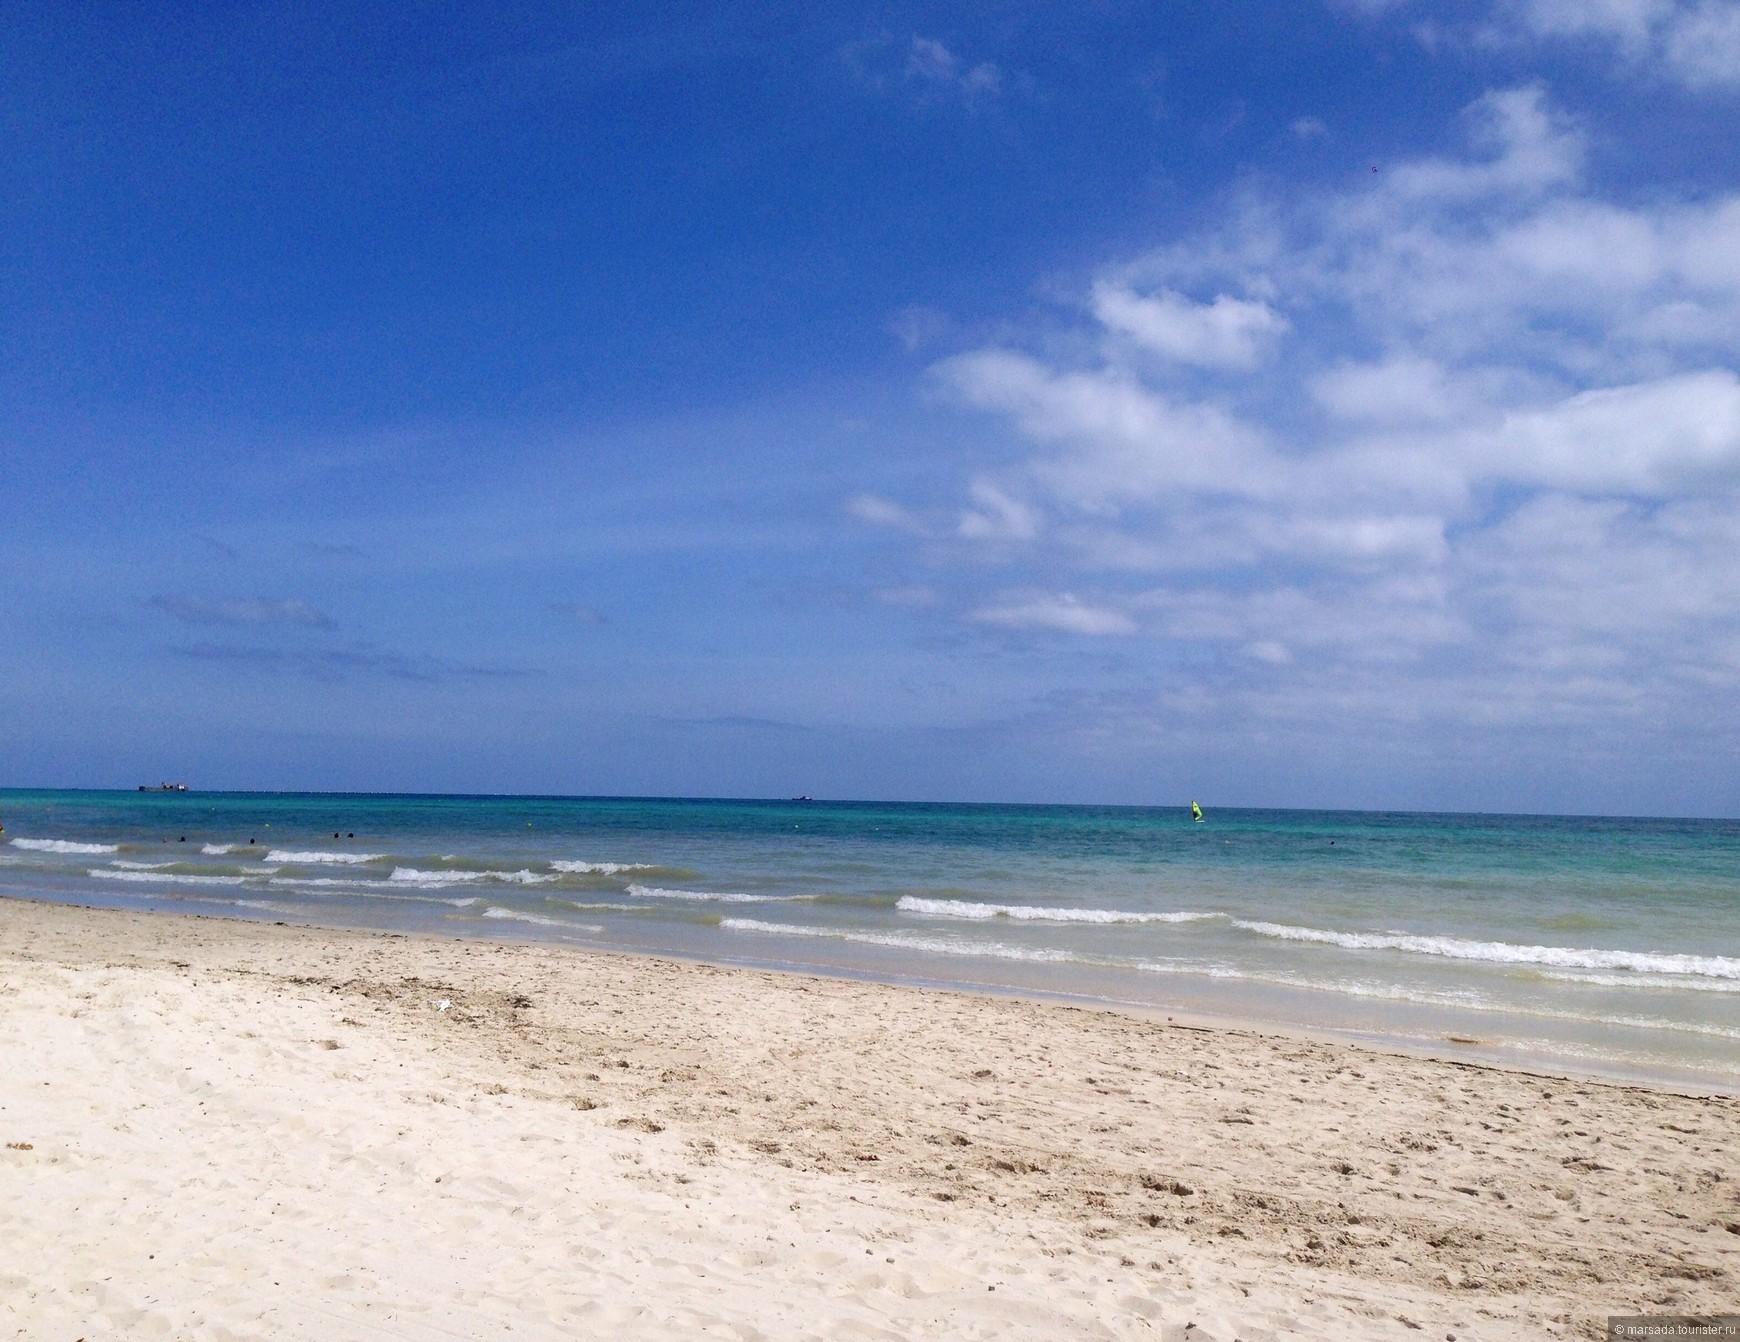 Лучшие Пляжи Туниса с Белым Песком